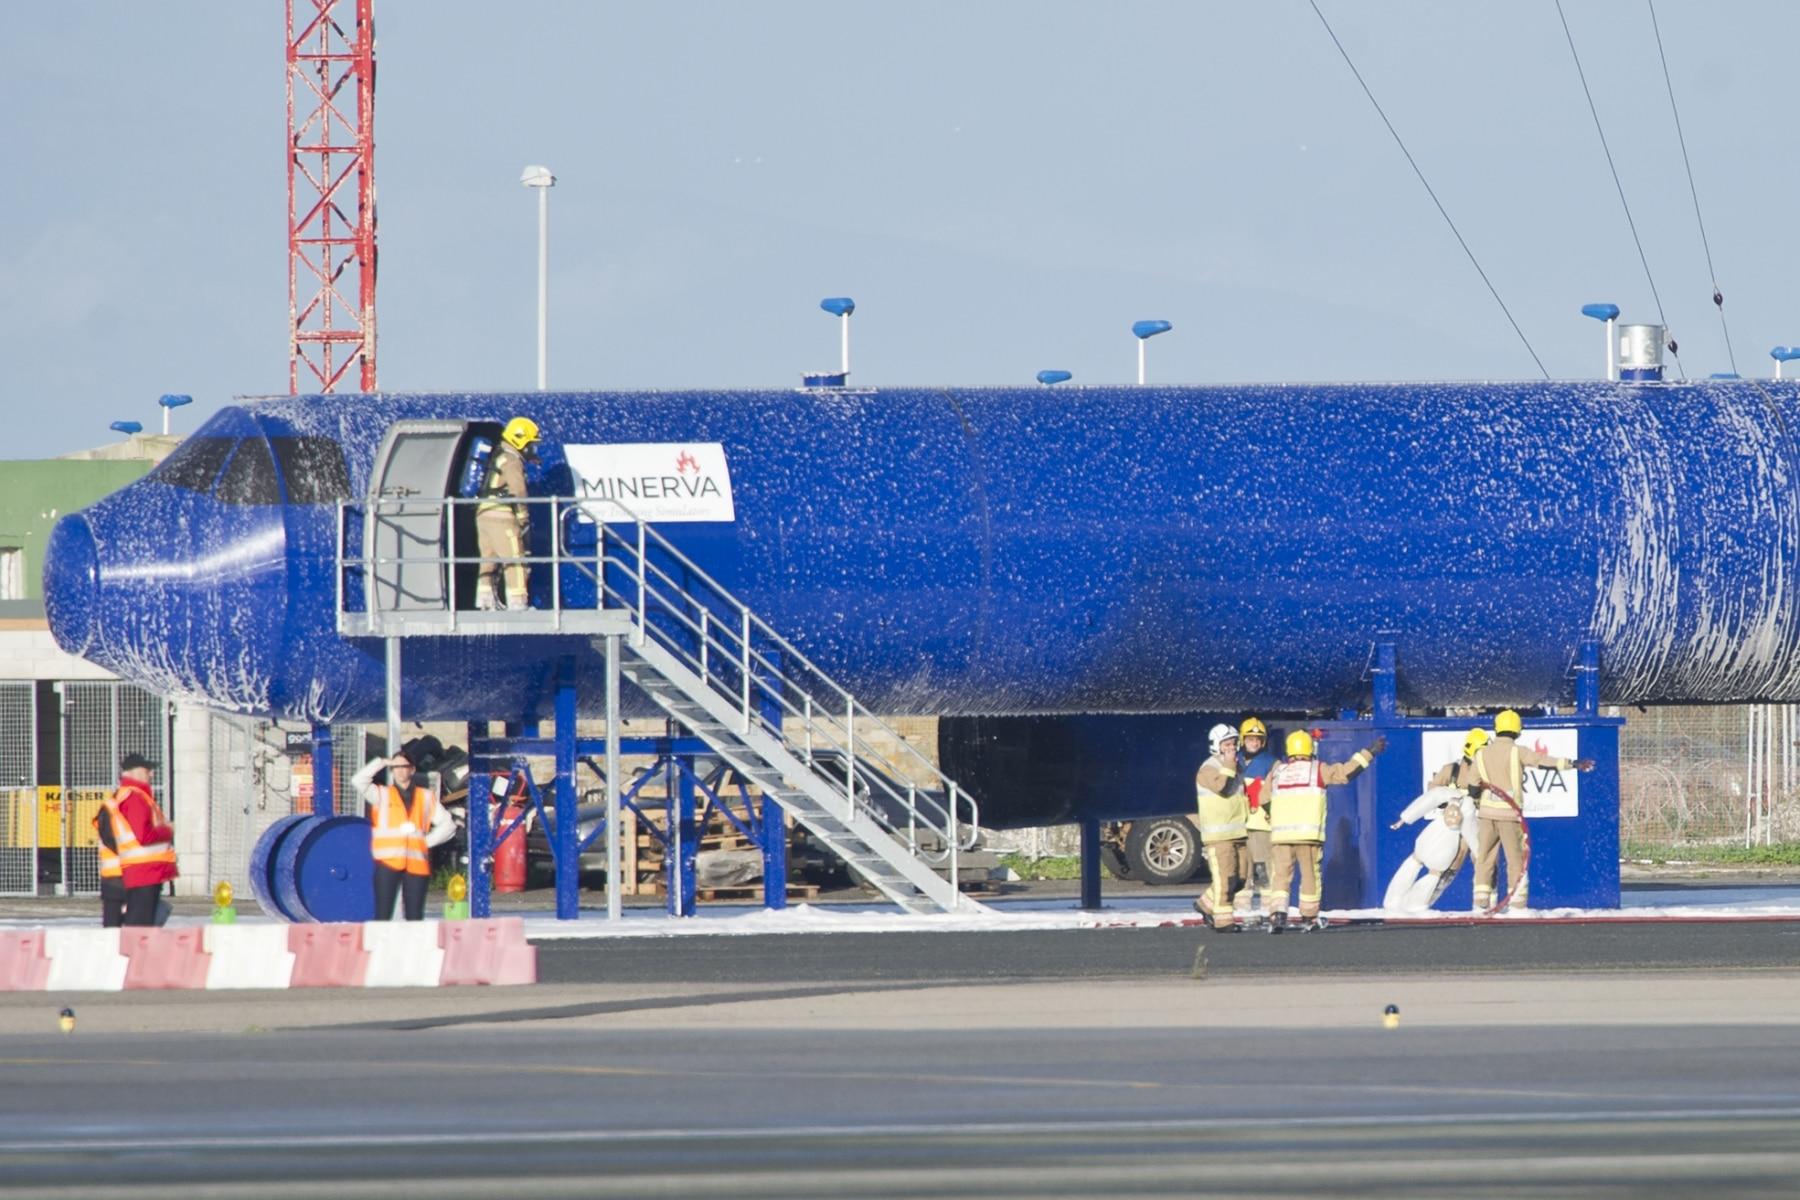 simulacro-accidente-aereo-en-gibraltar-03122014-17_15943926355_o